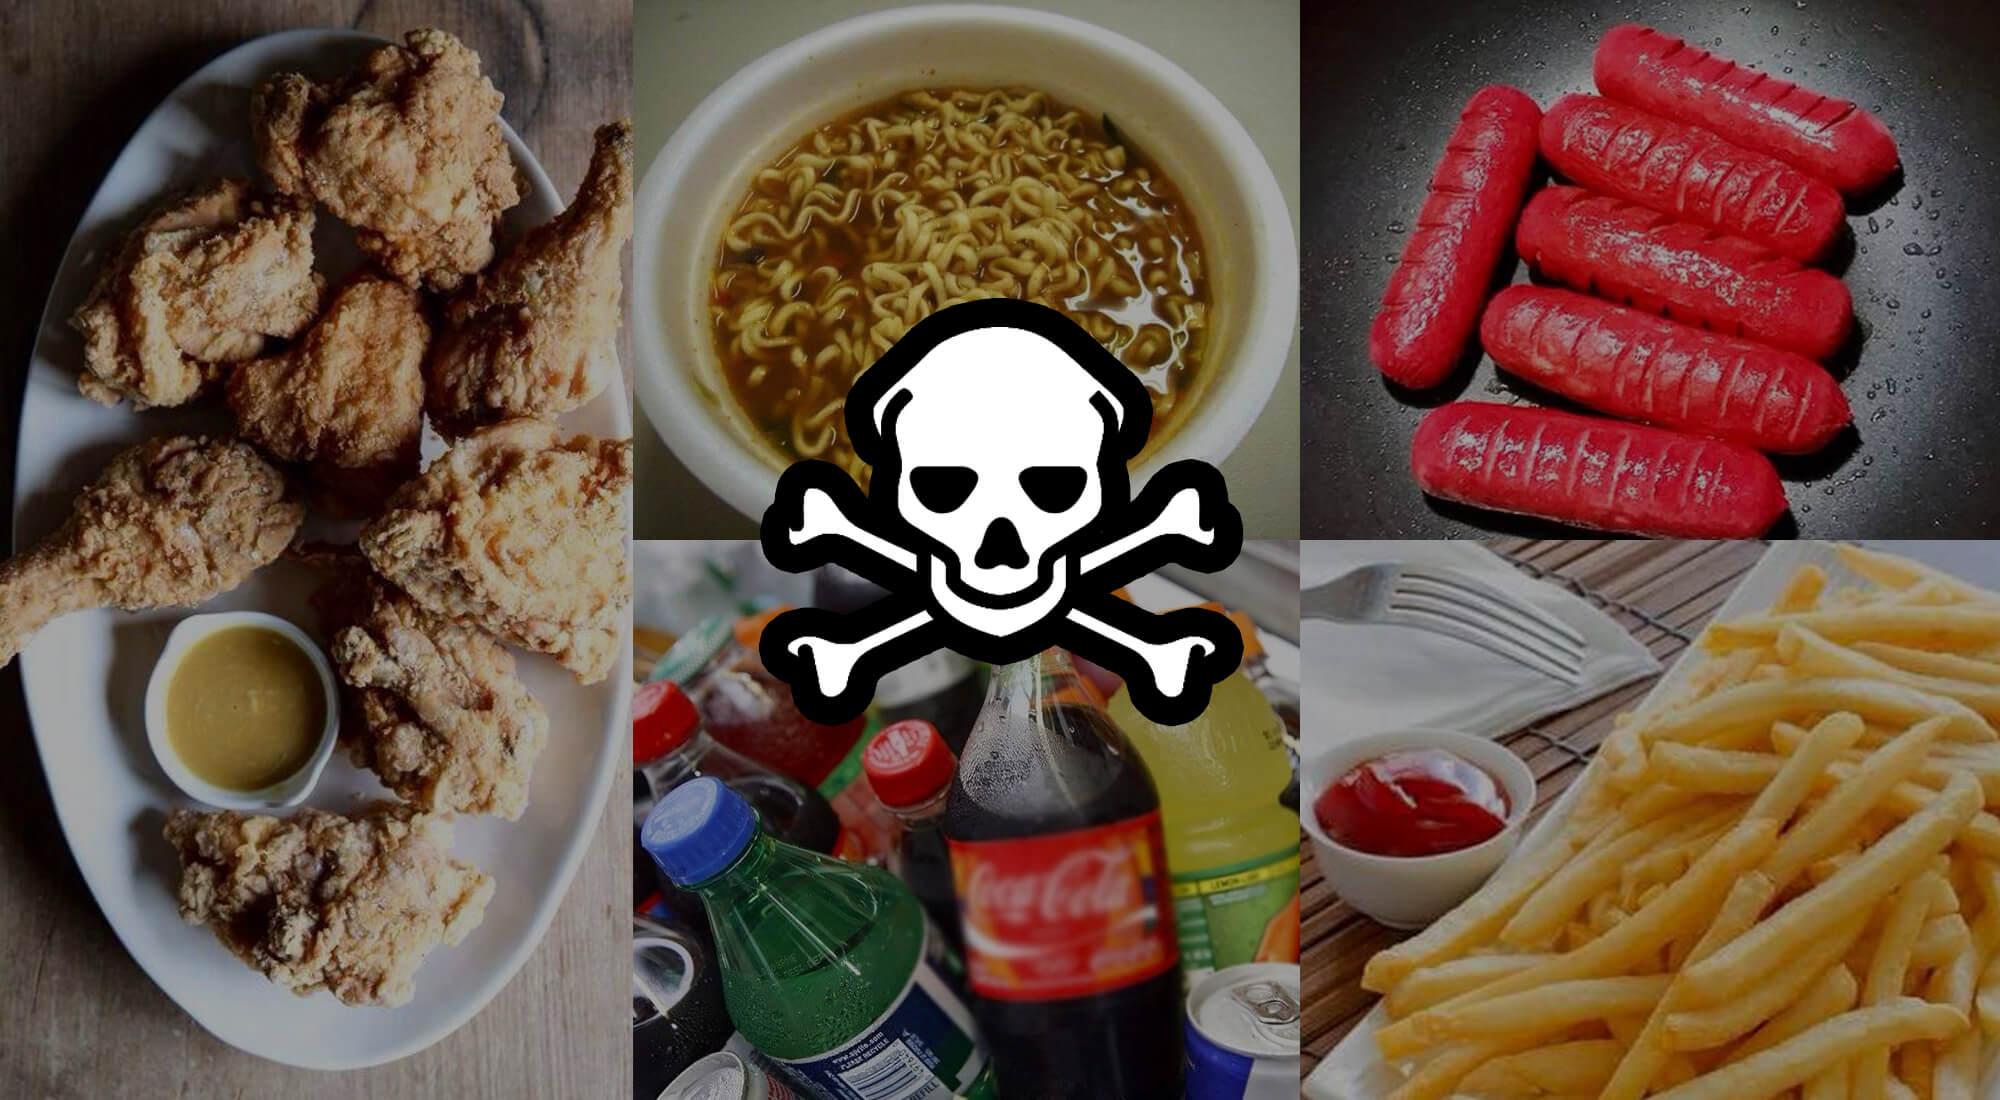 5 Alimentos Que Podem Tirar Sua Vida e Você Com Certeza Já Comeu Pelo Menos Um Desses